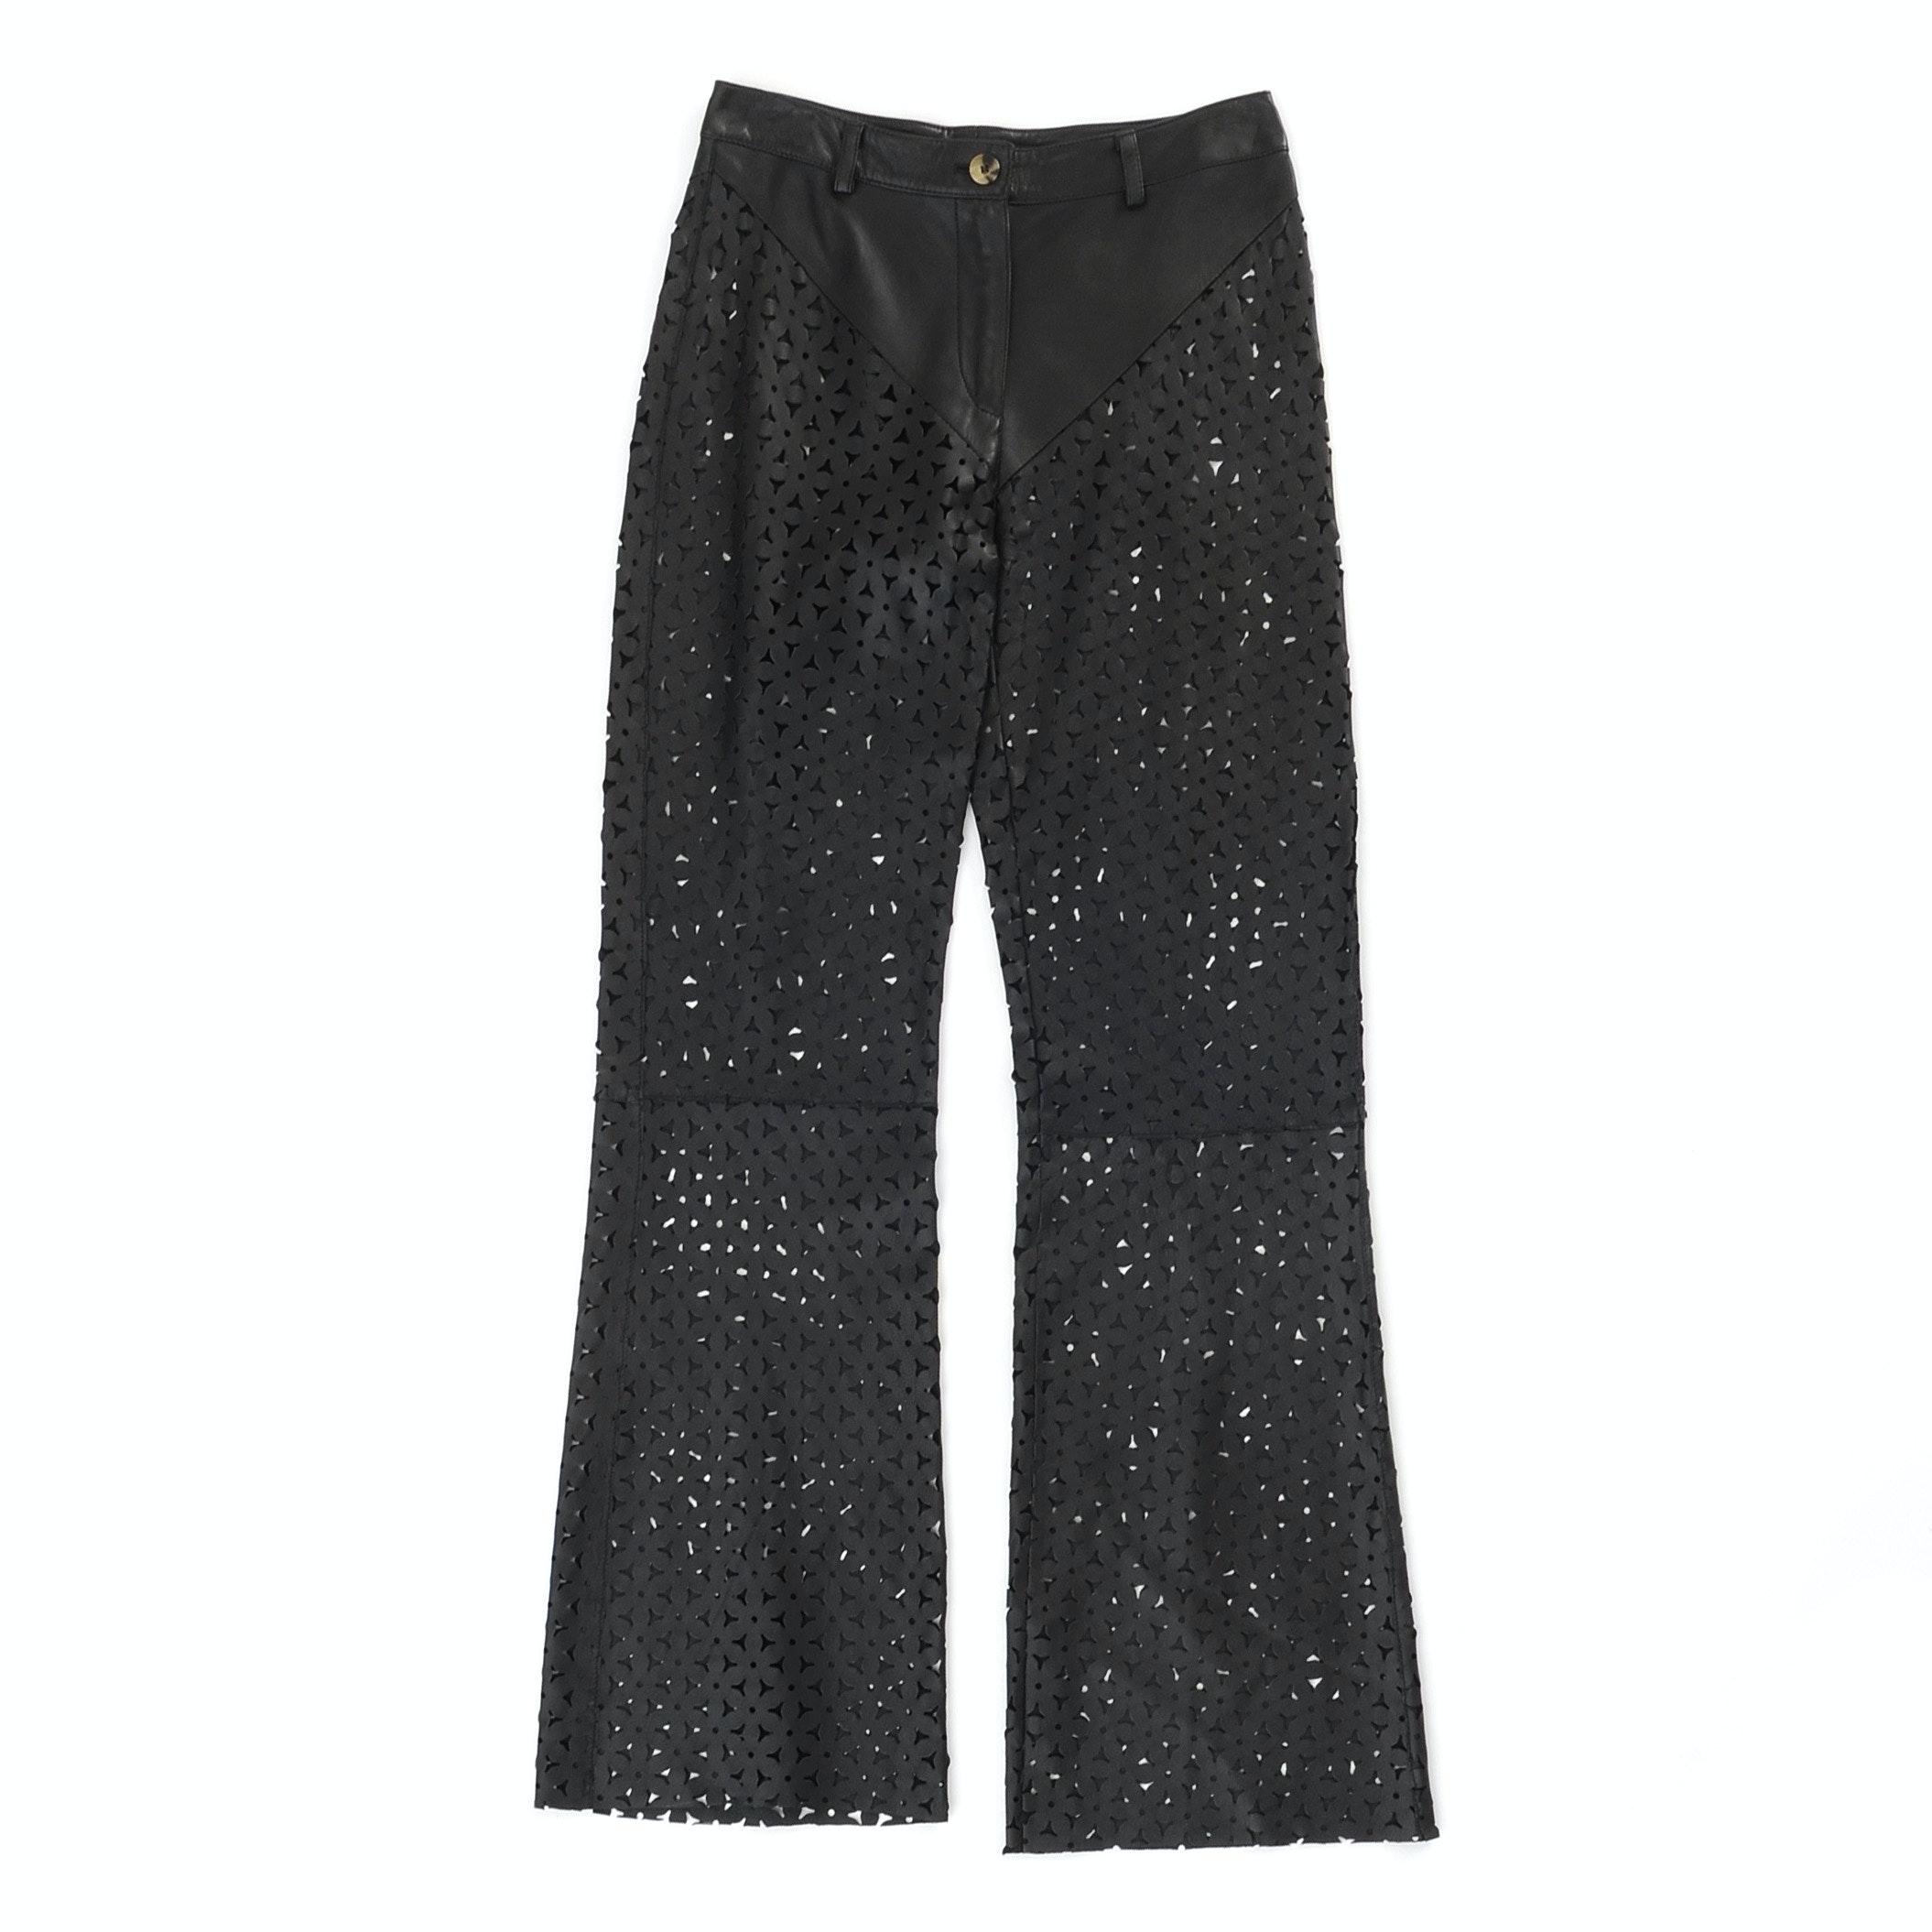 Black Laser Cut Lambskin Leather Pants